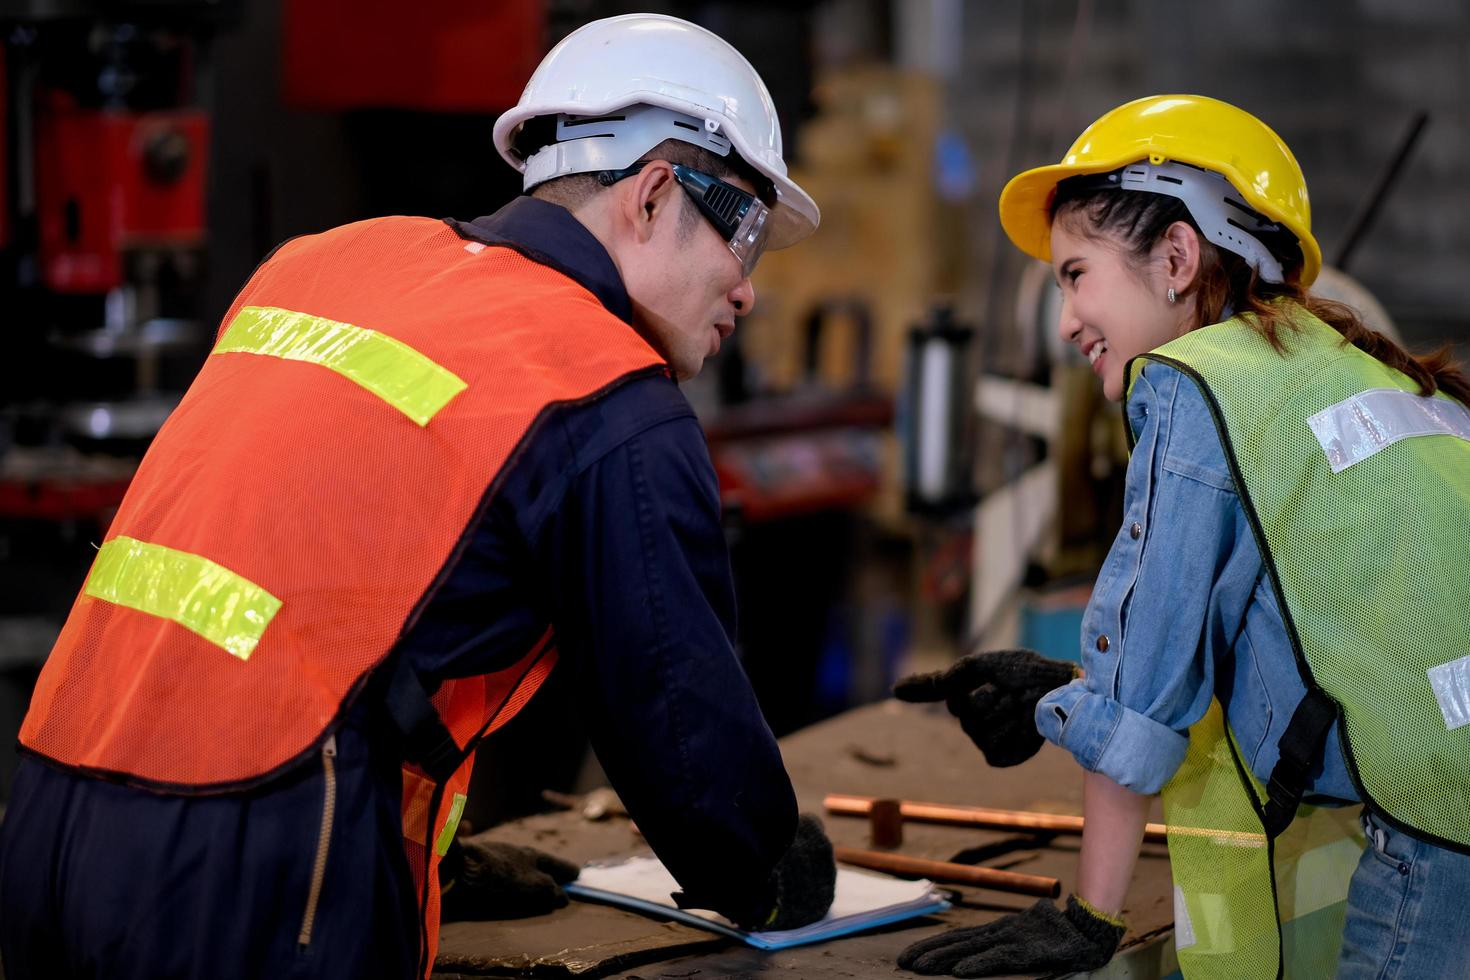 deux techniciens discutent du travail en usine photo